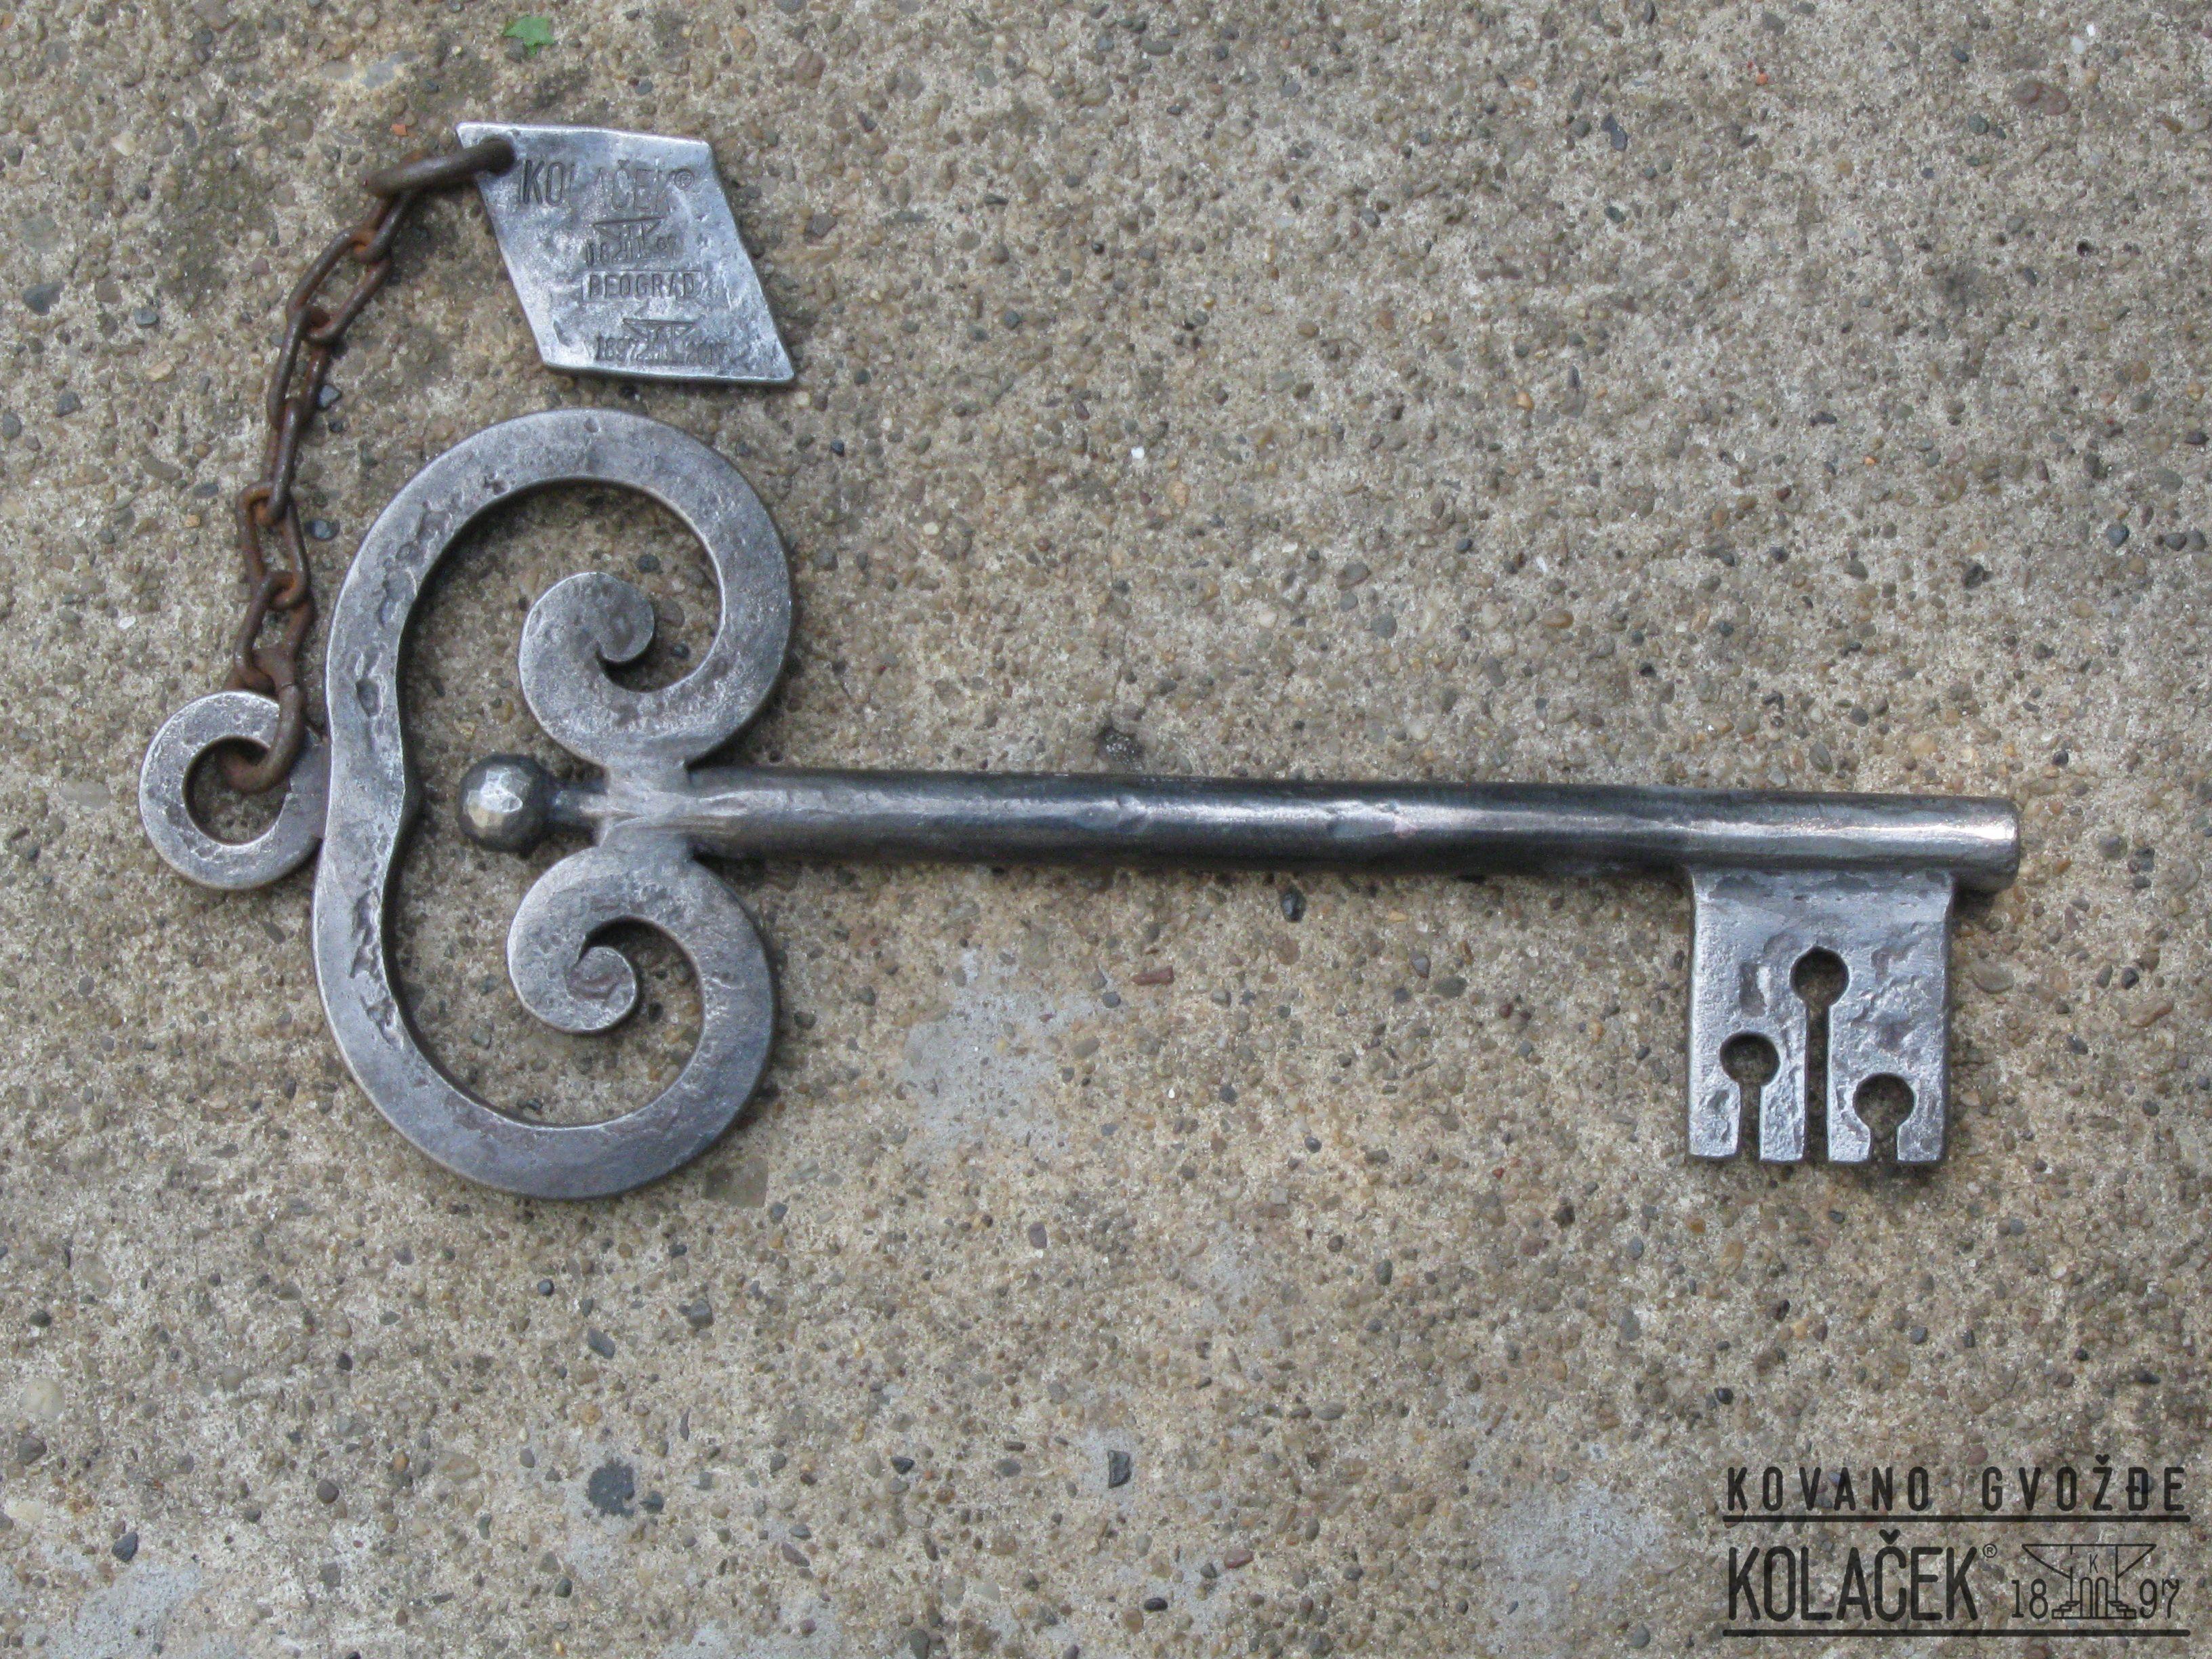 13123f071d08c319d572b9a004ad3a09 Frais De Table De Jardin Metal Schème